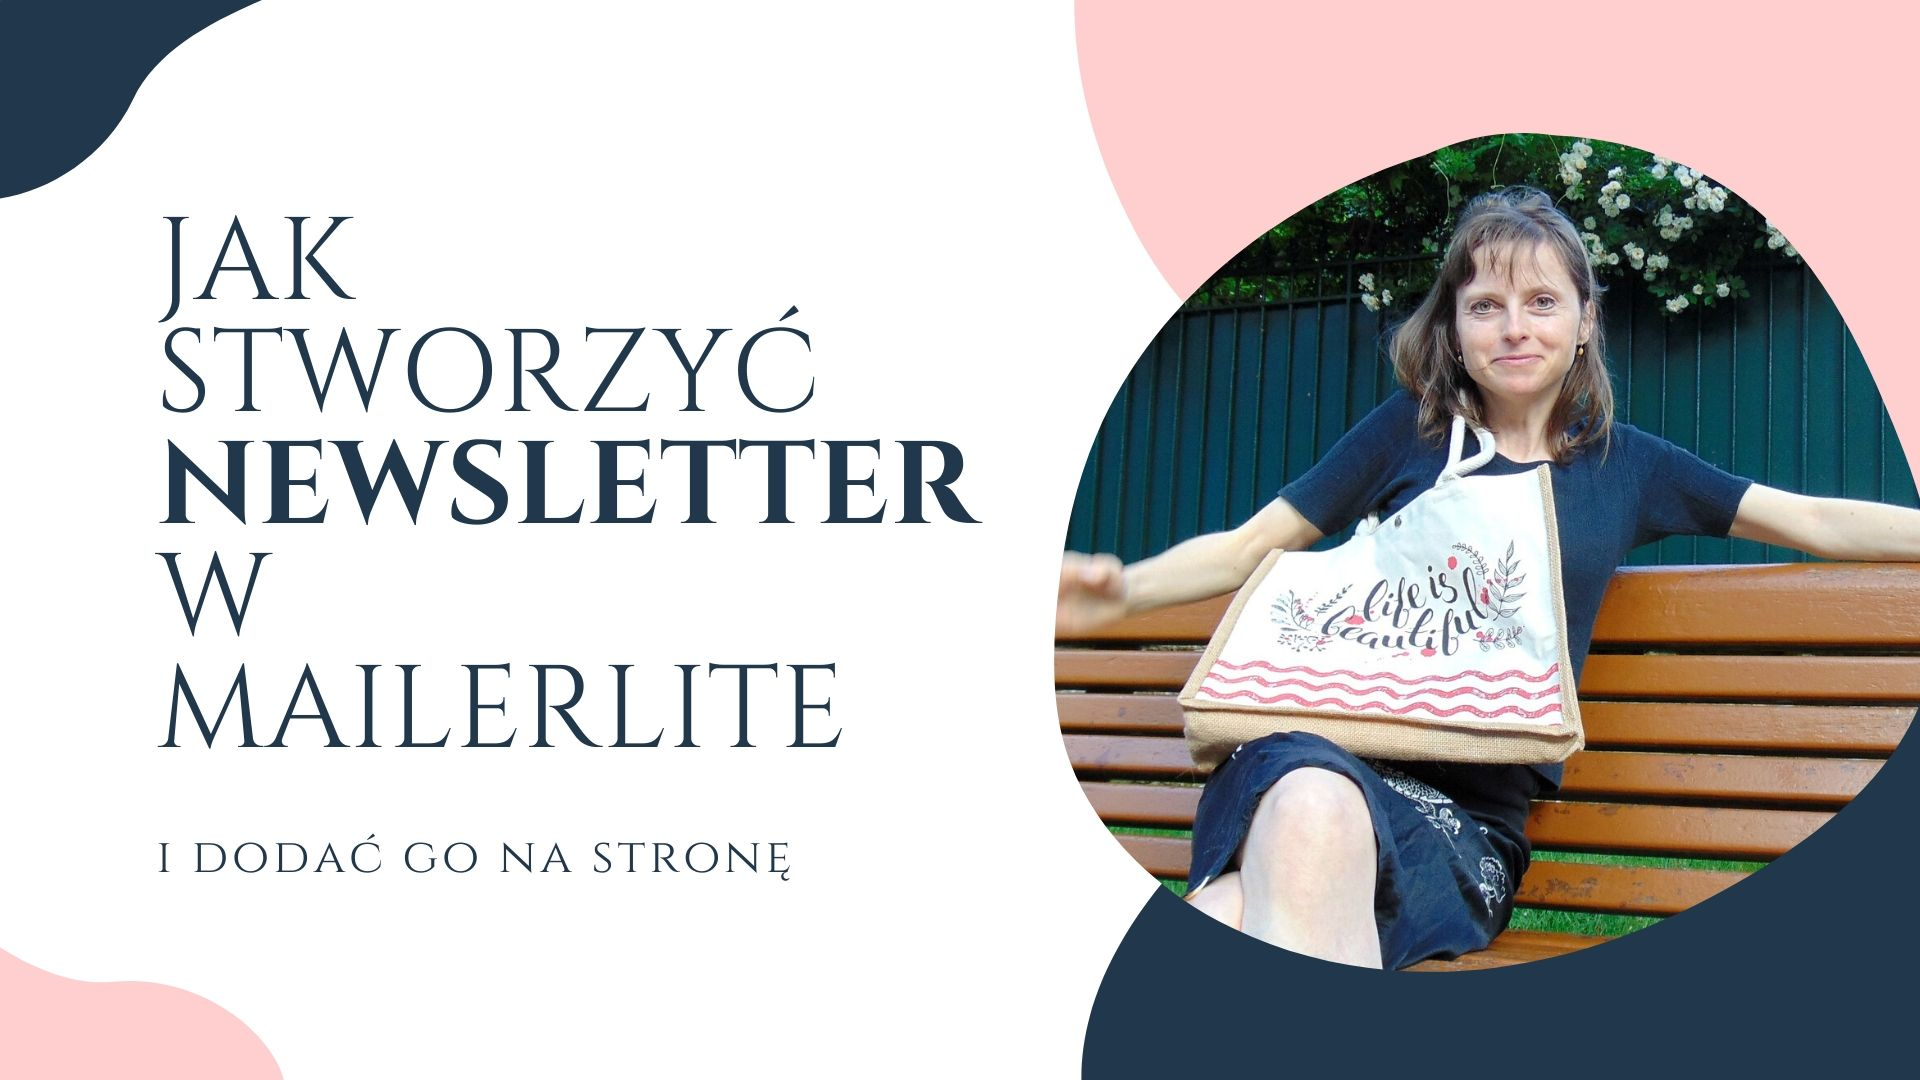 Jak Stworzyć Newsletter W Mailerlite Odc2? Jak stworzyć i osadzić na stronie formularz zapisu na newsletter przy użyciu Mailer Lite.